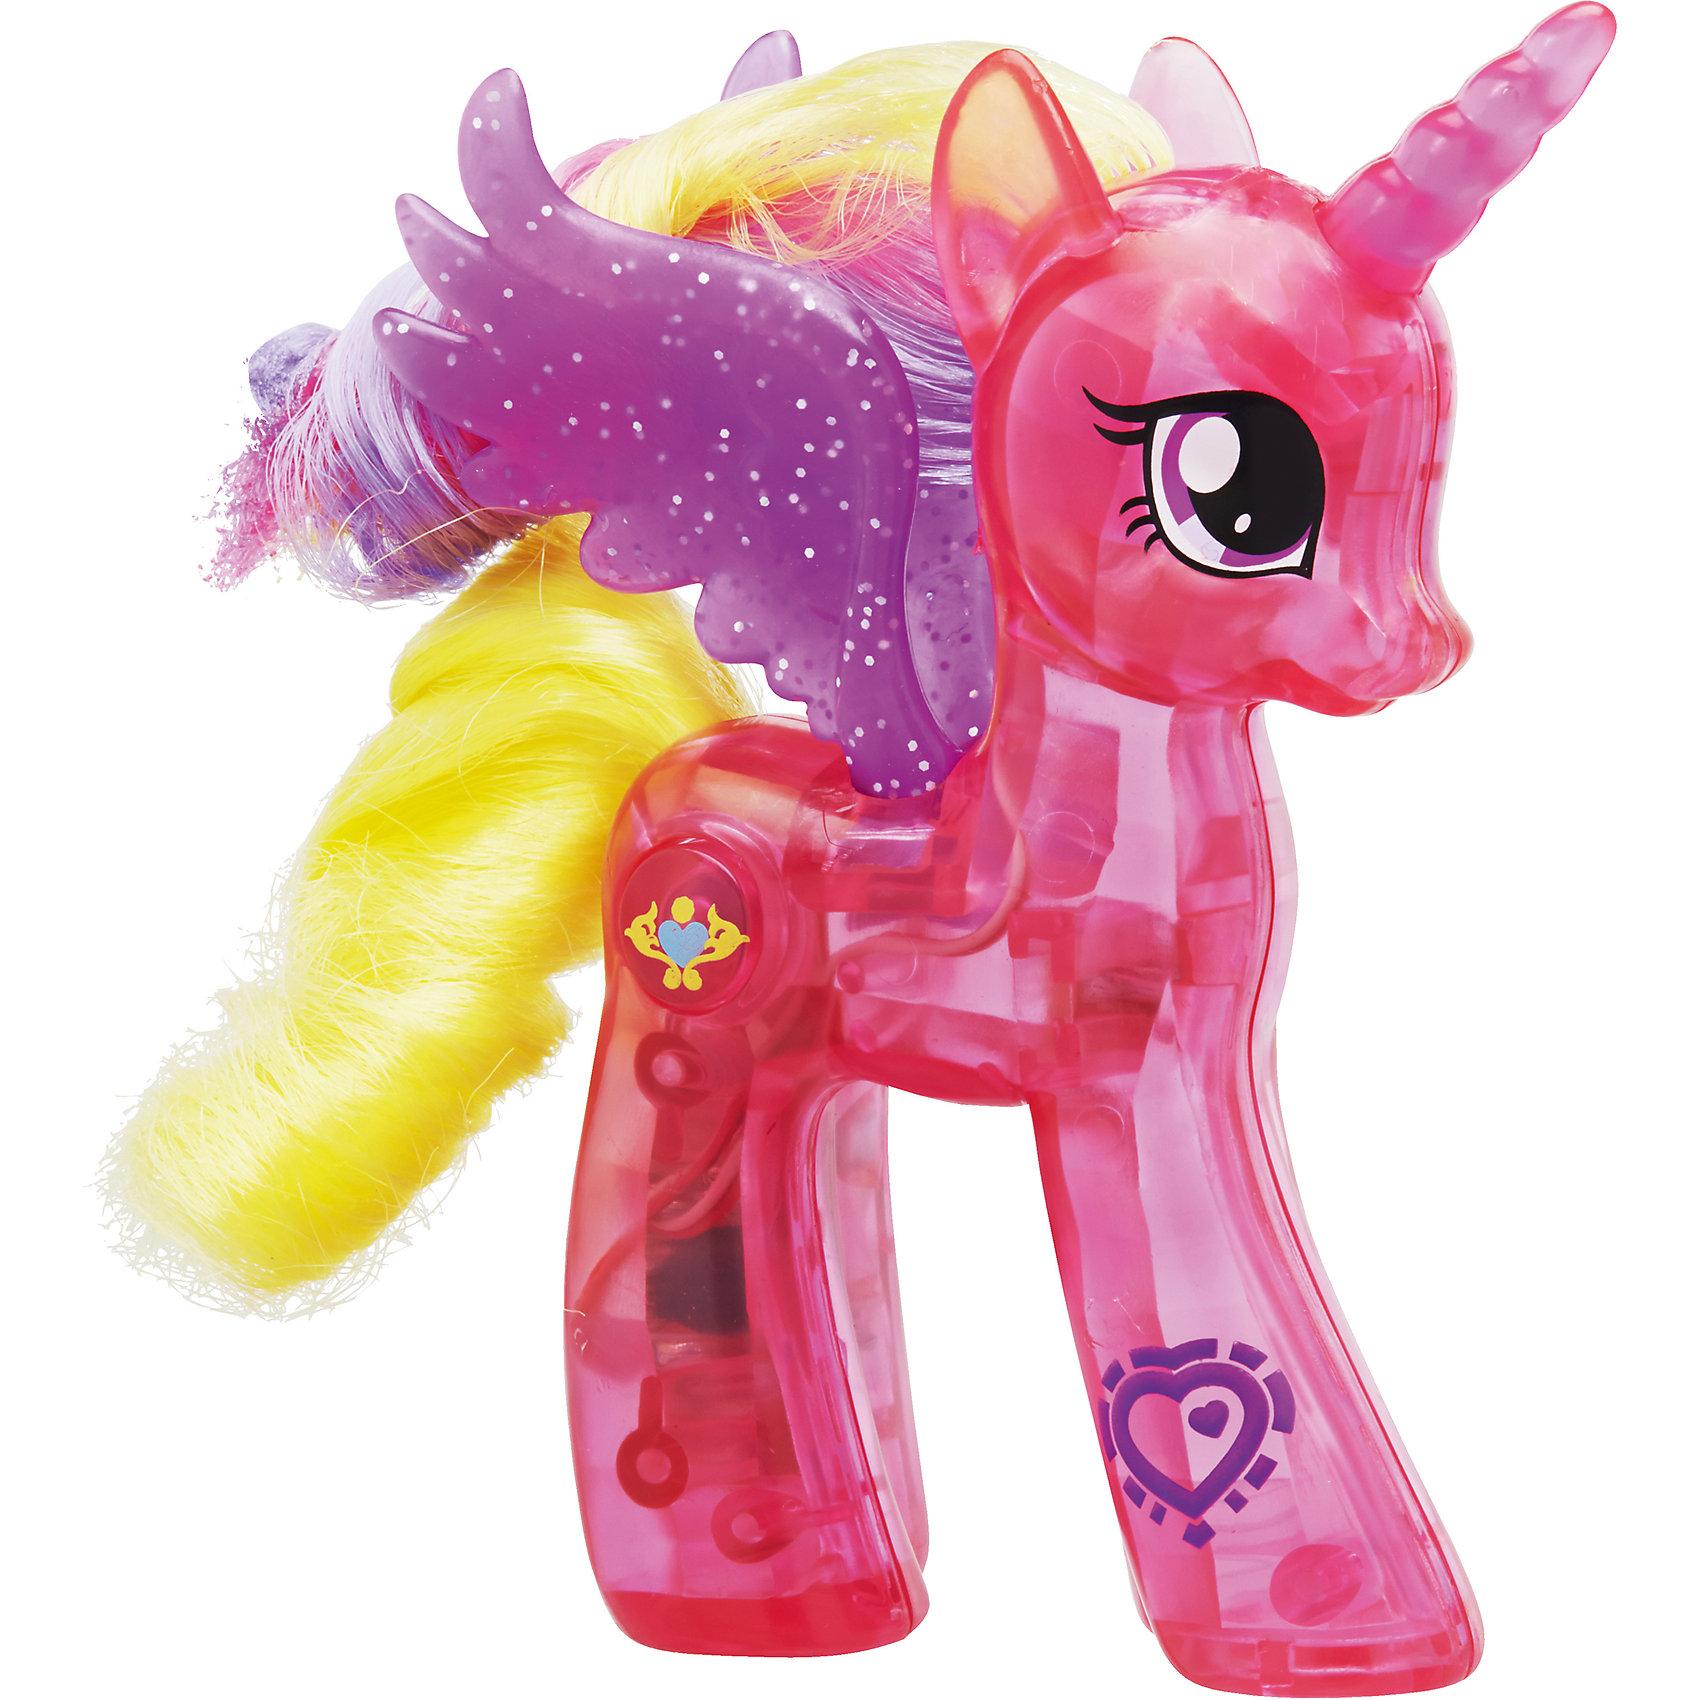 Пони сияющие принцессы, Принцесса Каденс, My little Pony, B5362/B7292Пони сияющие принцессы, My little Pony, B5362/B7292.<br><br>Характеристики:<br><br>- В наборе: пони, гребешок<br>- Материал: пластик<br>- Высота фигурки: 10 см.<br>- Батарейки: 2 шт. типа LR44 (входят в комплект)<br><br>Пони Принцесса Каденс от Hasbro (Хасбро)- это потрясающий своей проработкой игровой аналог мультипликационной героини из любимого детьми мультсериала о дружбе и увлекательных приключениях маленьких пони. Фигурка способна светиться при нажатии кнопки на боку, что делает процесс игры еще более увлекательным и сказочным. Также у нее на ноге расположен QR-код, отсканировав который, вы получите преимущество в мобильном приложении My Little Pony. В комплект входит небольшой гребешок, с помощью которого ребенок сможет расчесывать густую гриву и хвостик лошадки. Все составляющие игрушки выполнены из особого пластика с использованием разрешенных в продукции для детей красителей, благодаря чему пони надолго сохранит свою целостность, насыщенный цвет и прекрасный внешний вид.<br><br>Игровой набор Пони сияющие принцессы, My little Pony, B5362/B7292 можно купить в нашем интернет-магазине.<br><br>Ширина мм: 57<br>Глубина мм: 200<br>Высота мм: 600<br>Вес г: 163<br>Возраст от месяцев: 36<br>Возраст до месяцев: 72<br>Пол: Женский<br>Возраст: Детский<br>SKU: 5064714